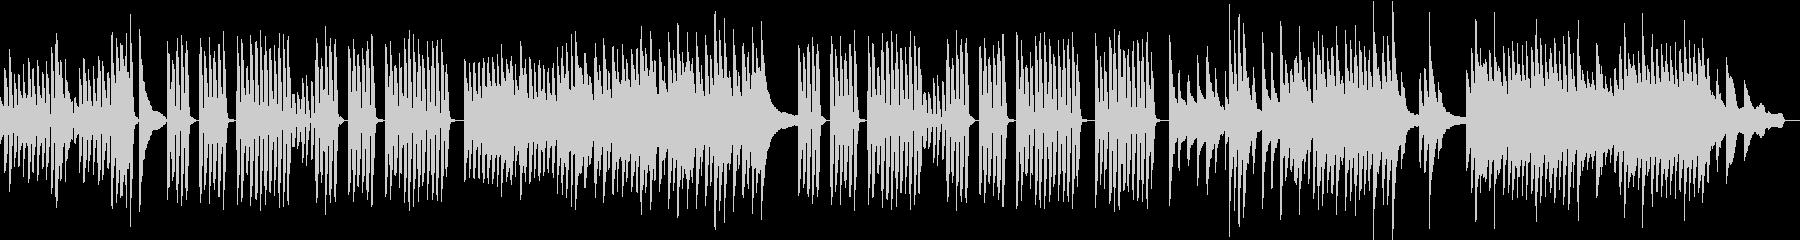 可愛らしくてほのぼのとしたピアノソロの未再生の波形